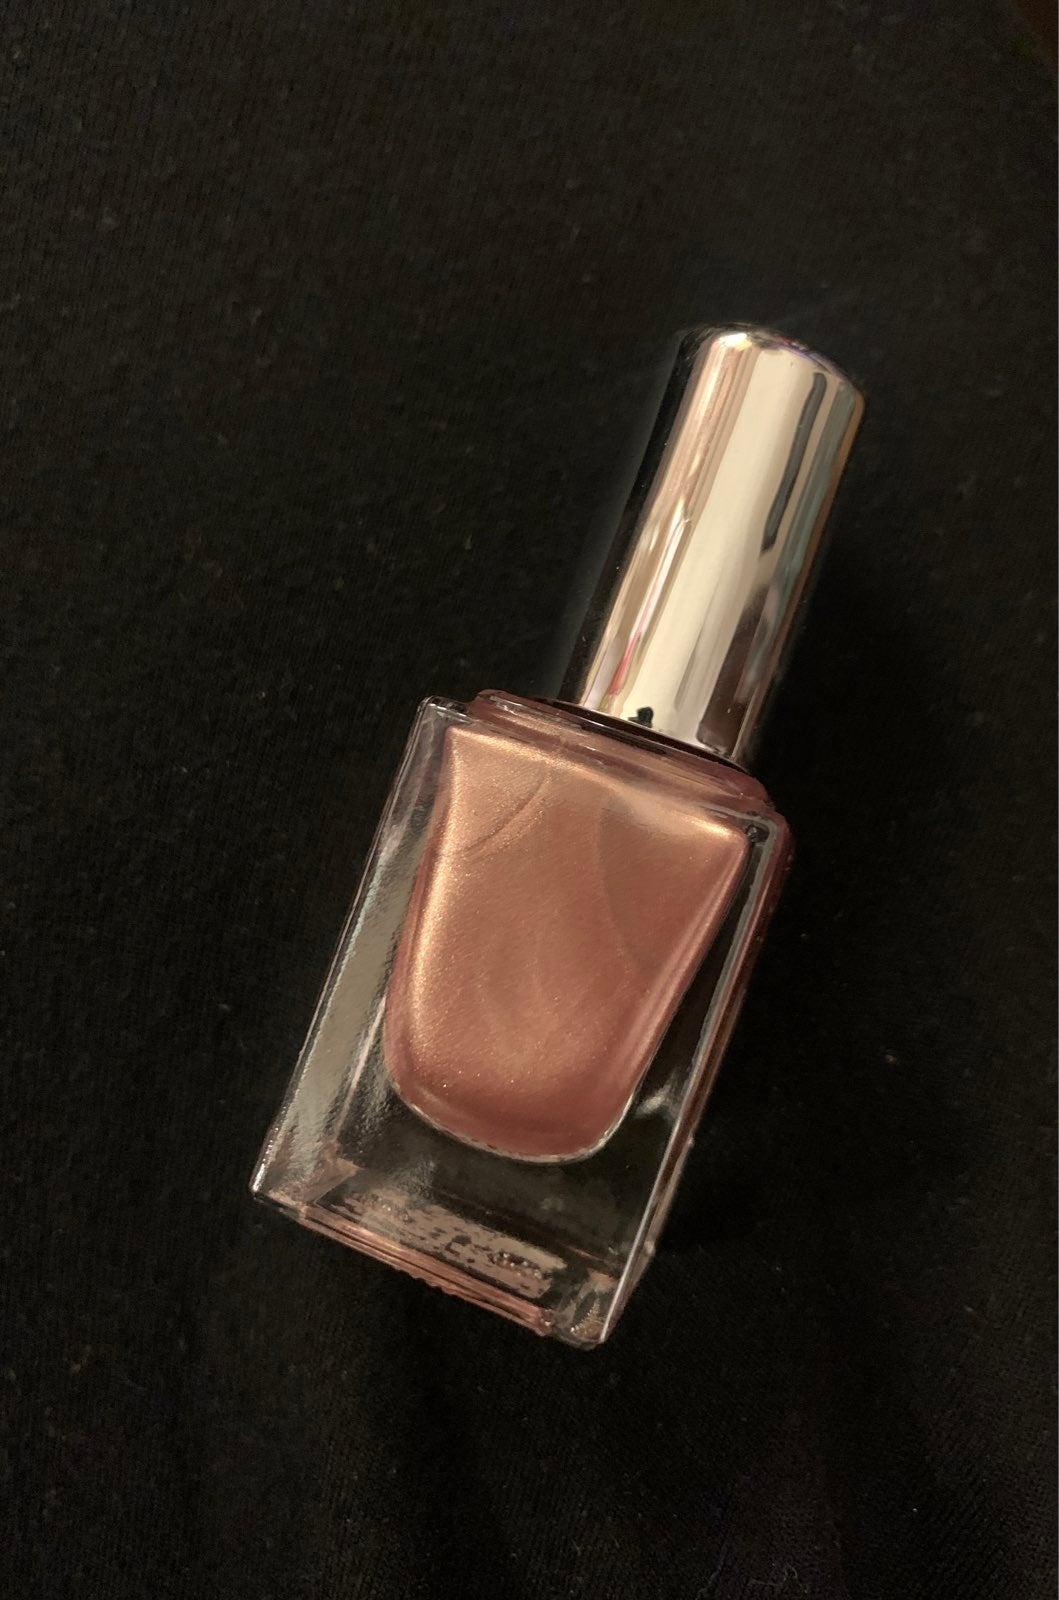 Belle en Argent nail polish